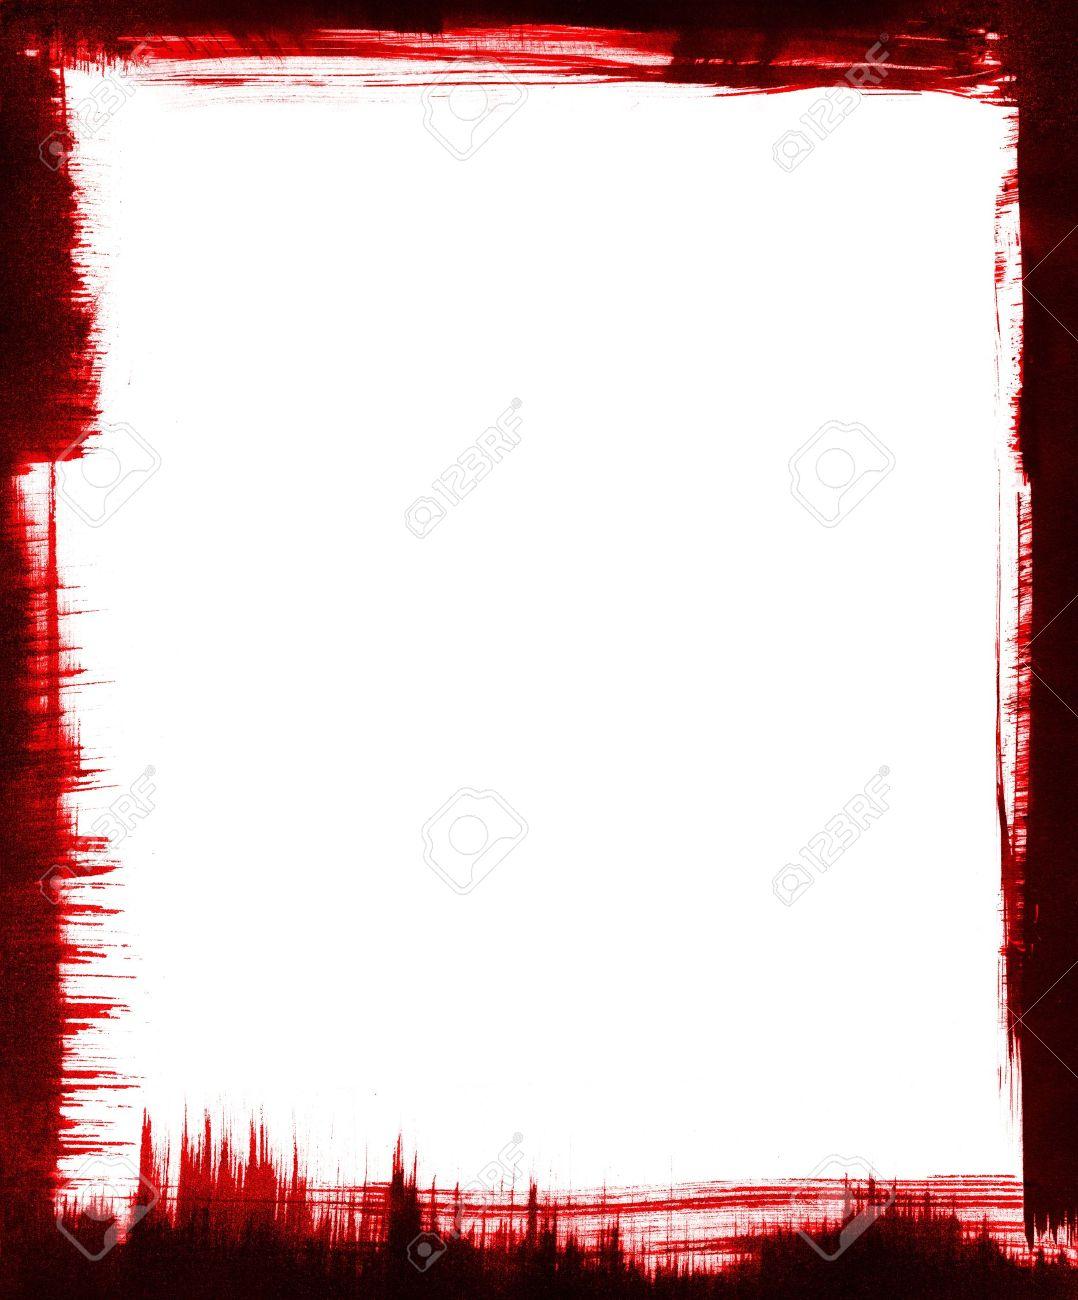 Rote Und Schwarze Pinselstriche Bilden Einen Rahmen Um Grafik Einen ...